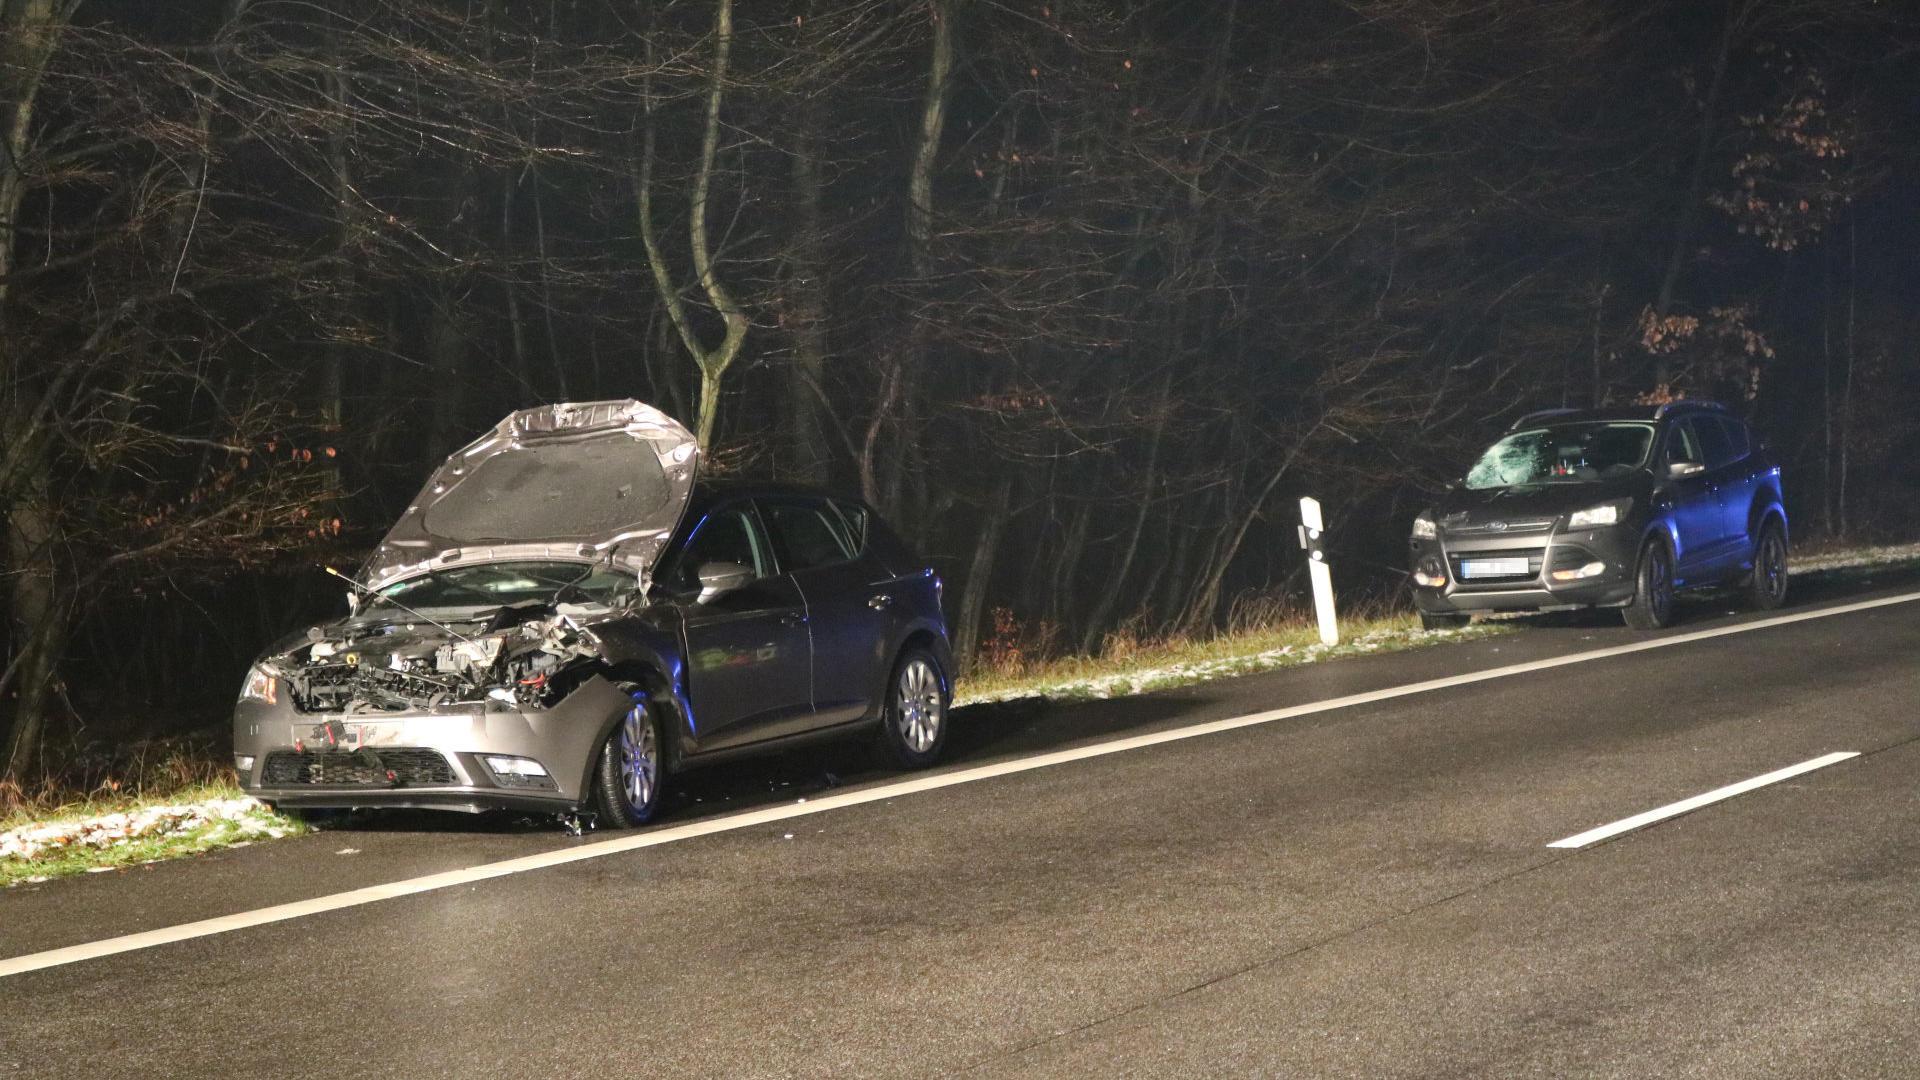 Schwerer Verkehrsunfall auf der B44 / Polizistin von Pkw erfasst